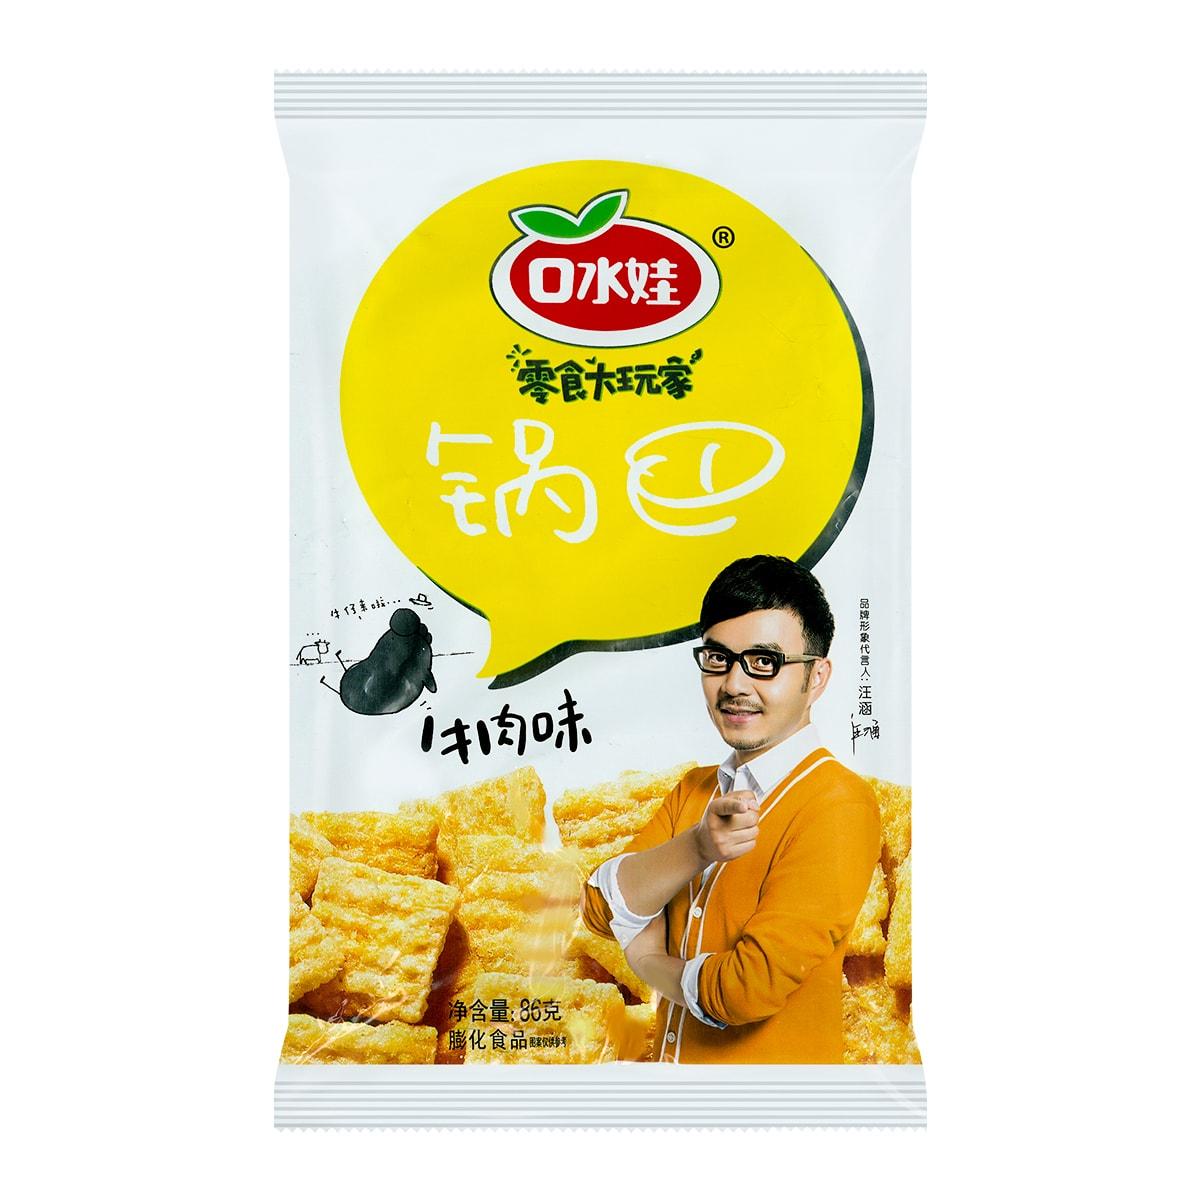 口水娃 零食大玩家 锅巴 牛肉味 86g